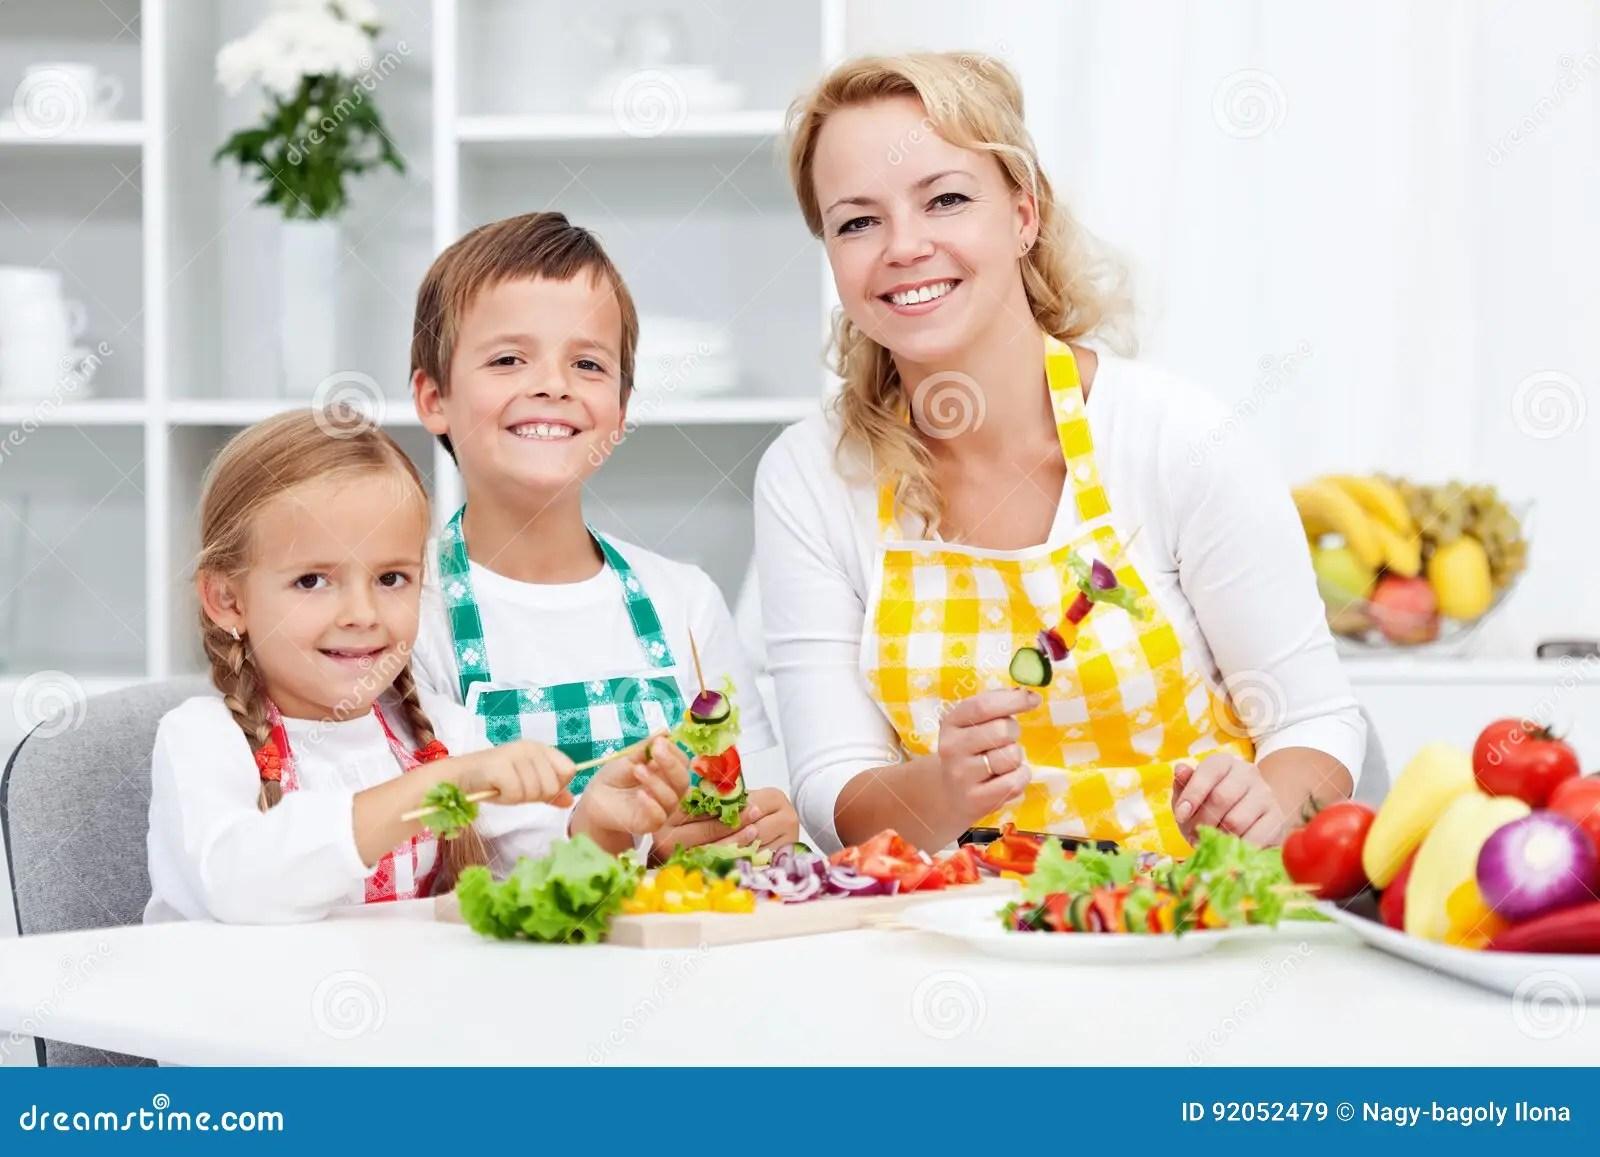 kid kitchens kitchen linens 与他们的母亲的小孩在厨房里库存图片 图片包括有营养 胡椒 孩子 食物 与他们的母亲的小孩在厨房 准备里一顿健康菜快餐